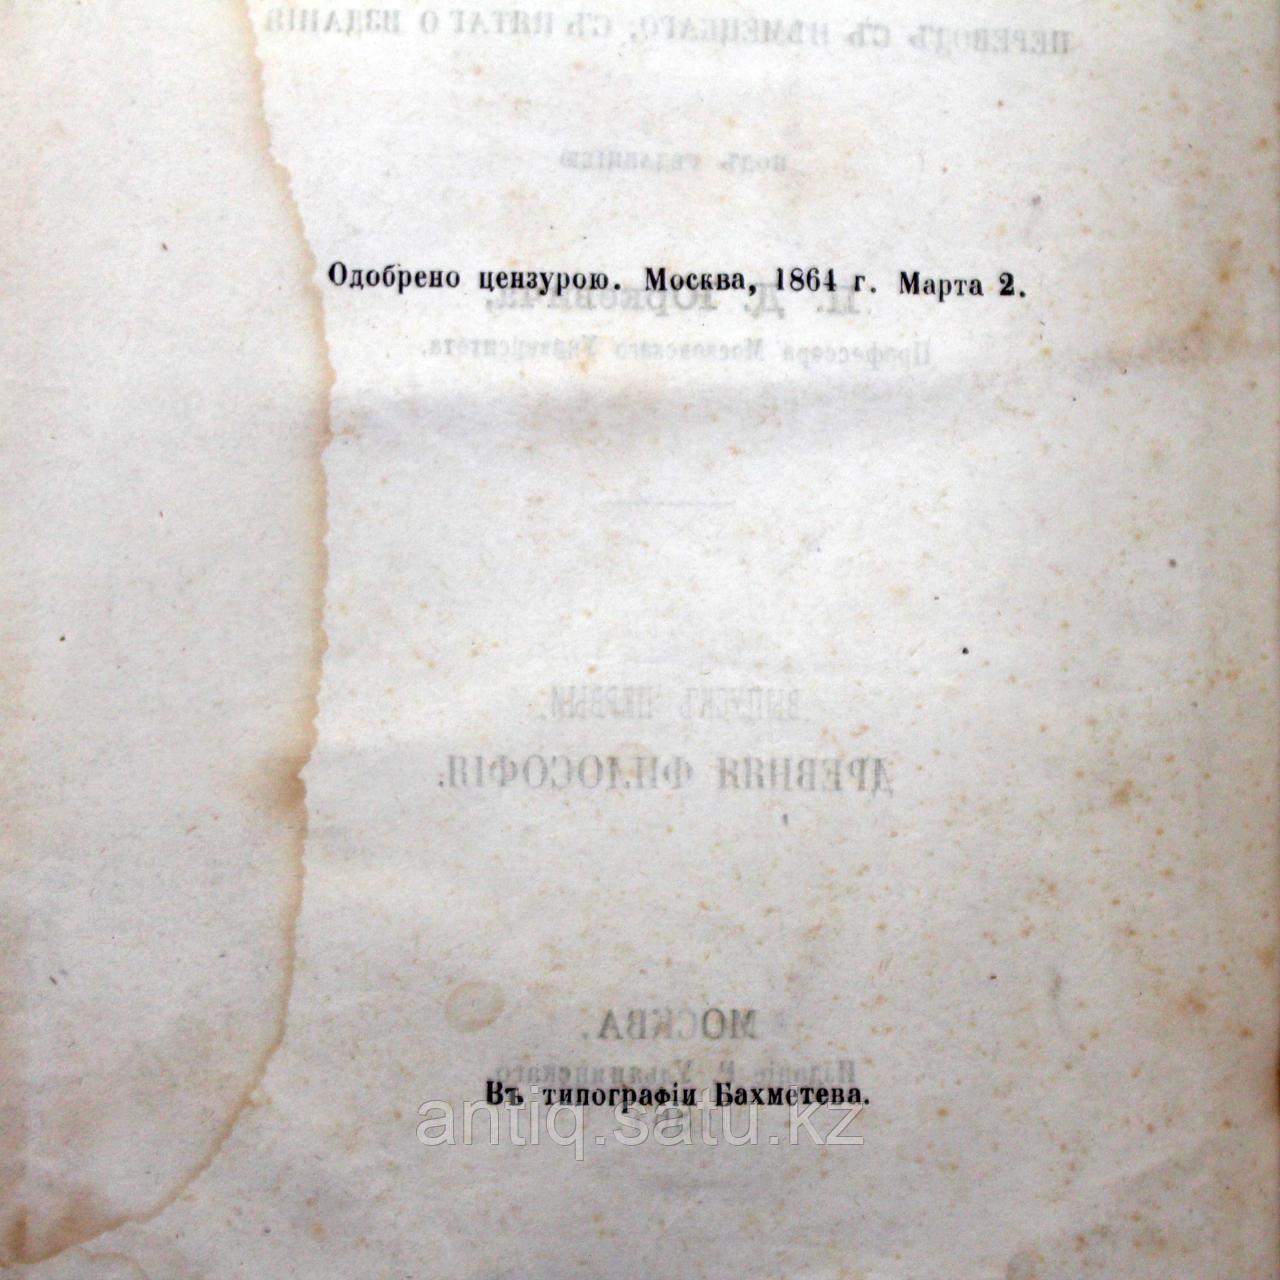 История Философии. Книга- автор Альберт Швеглер. Москва 1864 год - фото 5